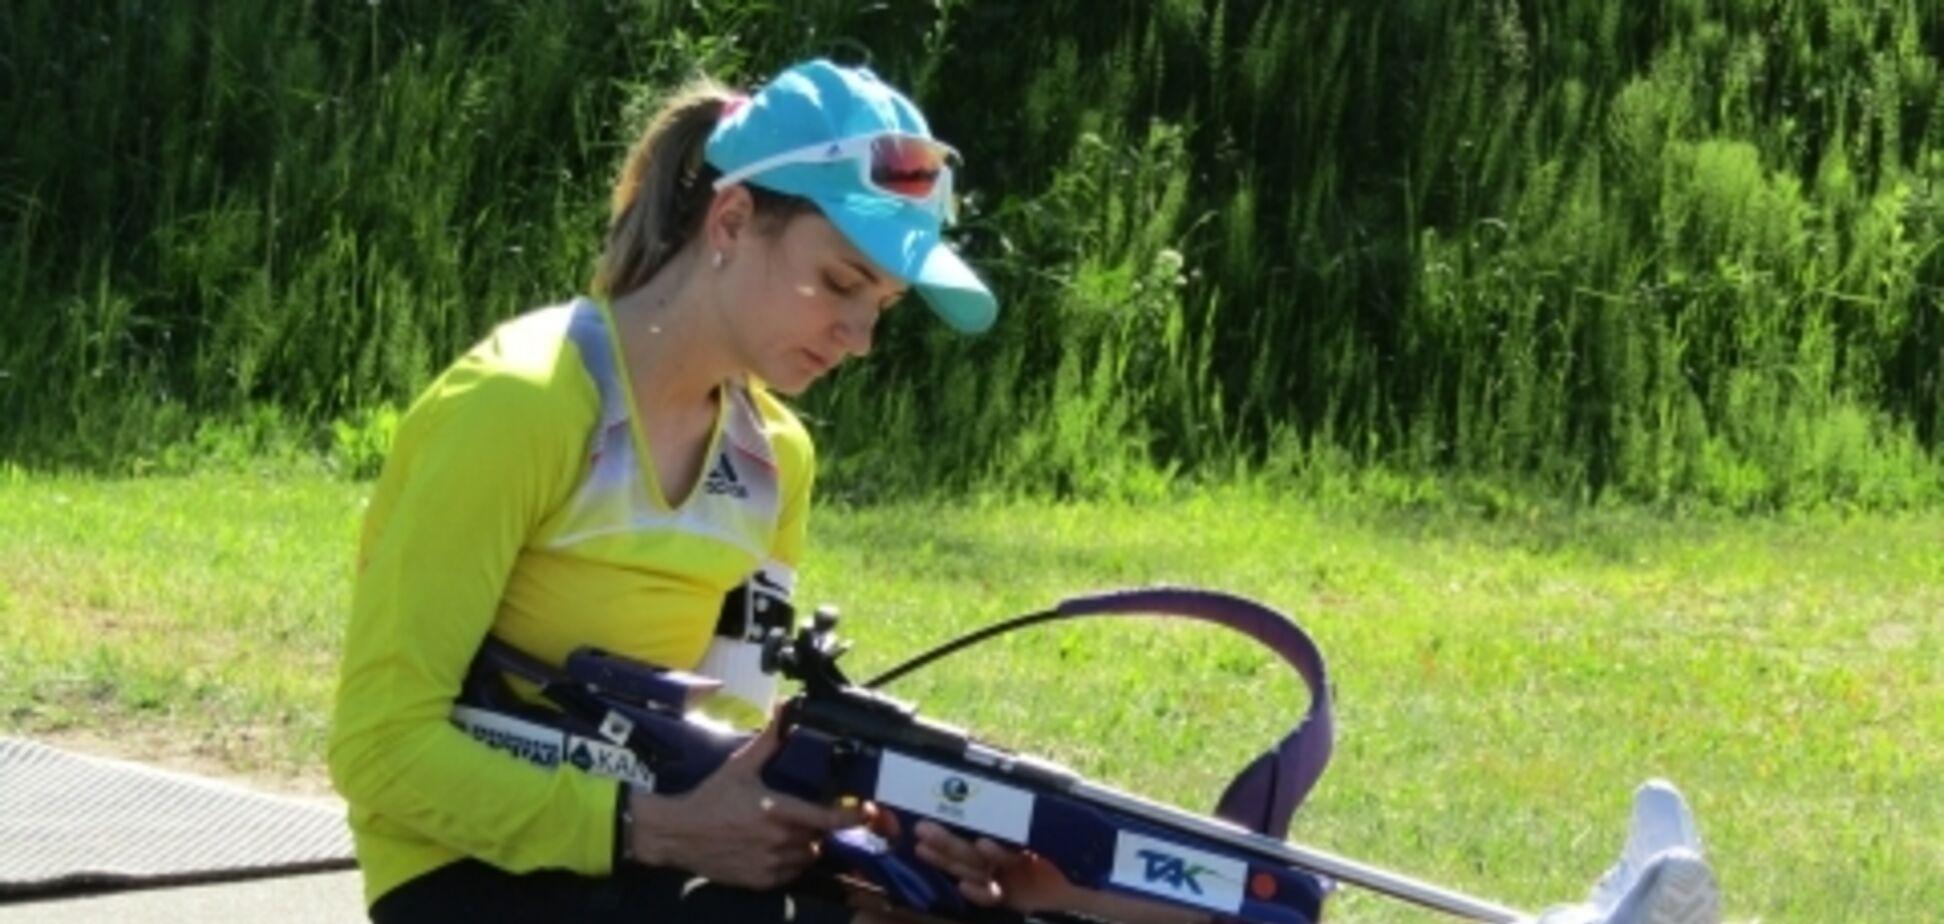 ''Приплыли'': украинская биатлонистка прокомментировала провал в эстафете на Кубке мира